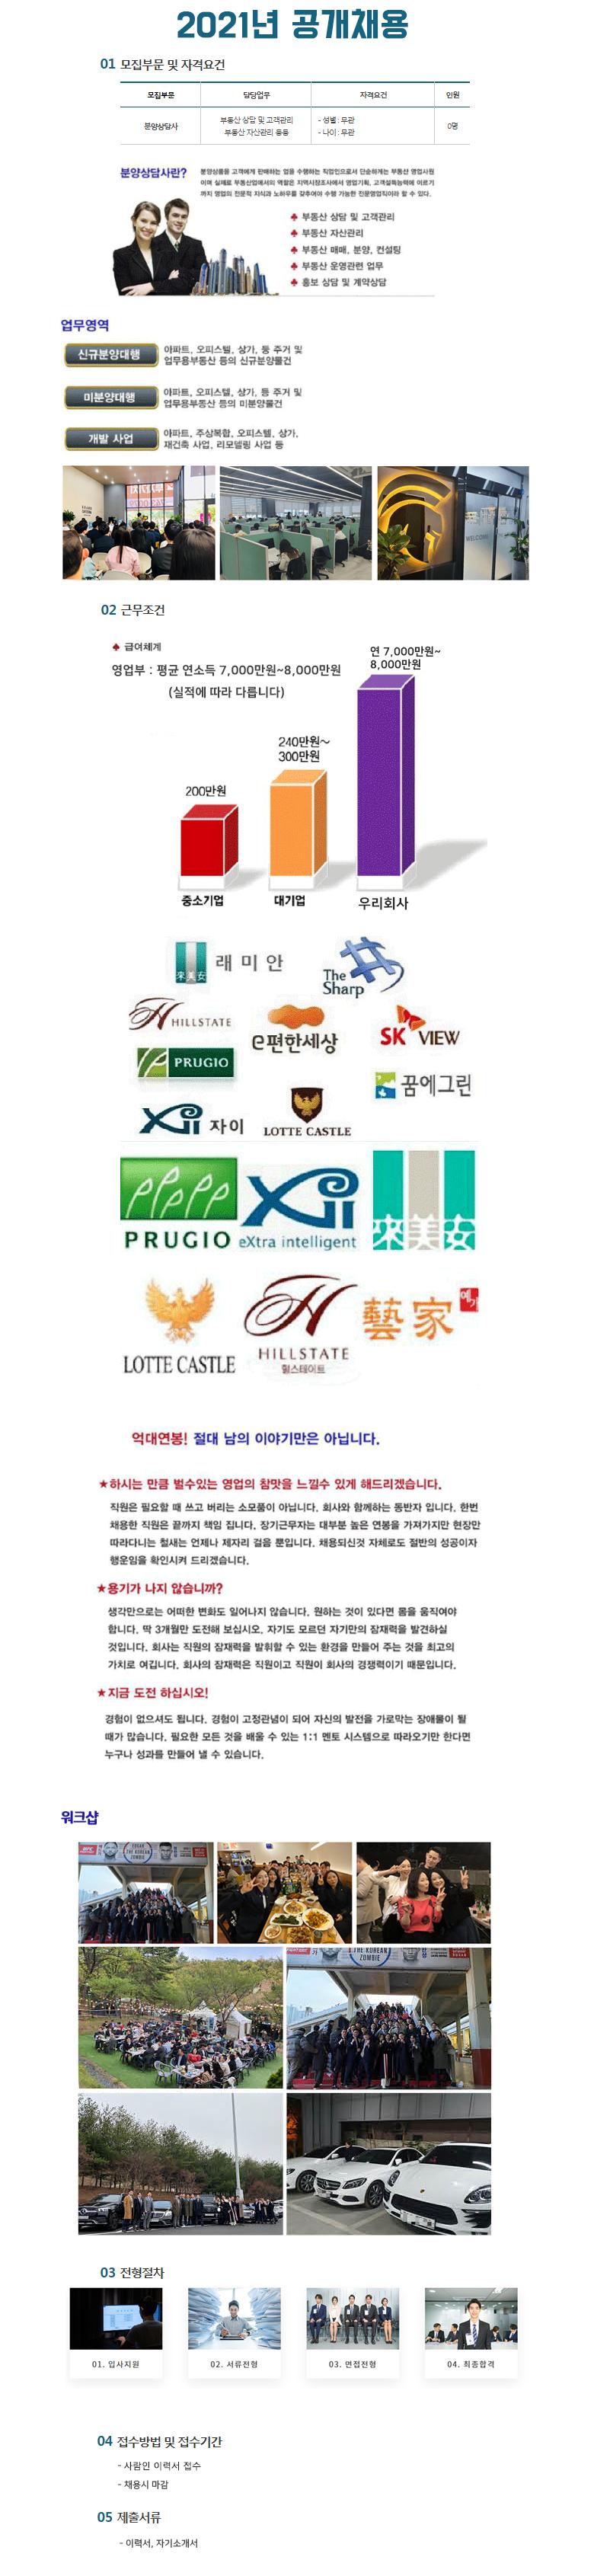 대구/경북 최대규모 모델하우스 부동산 남.여 채용